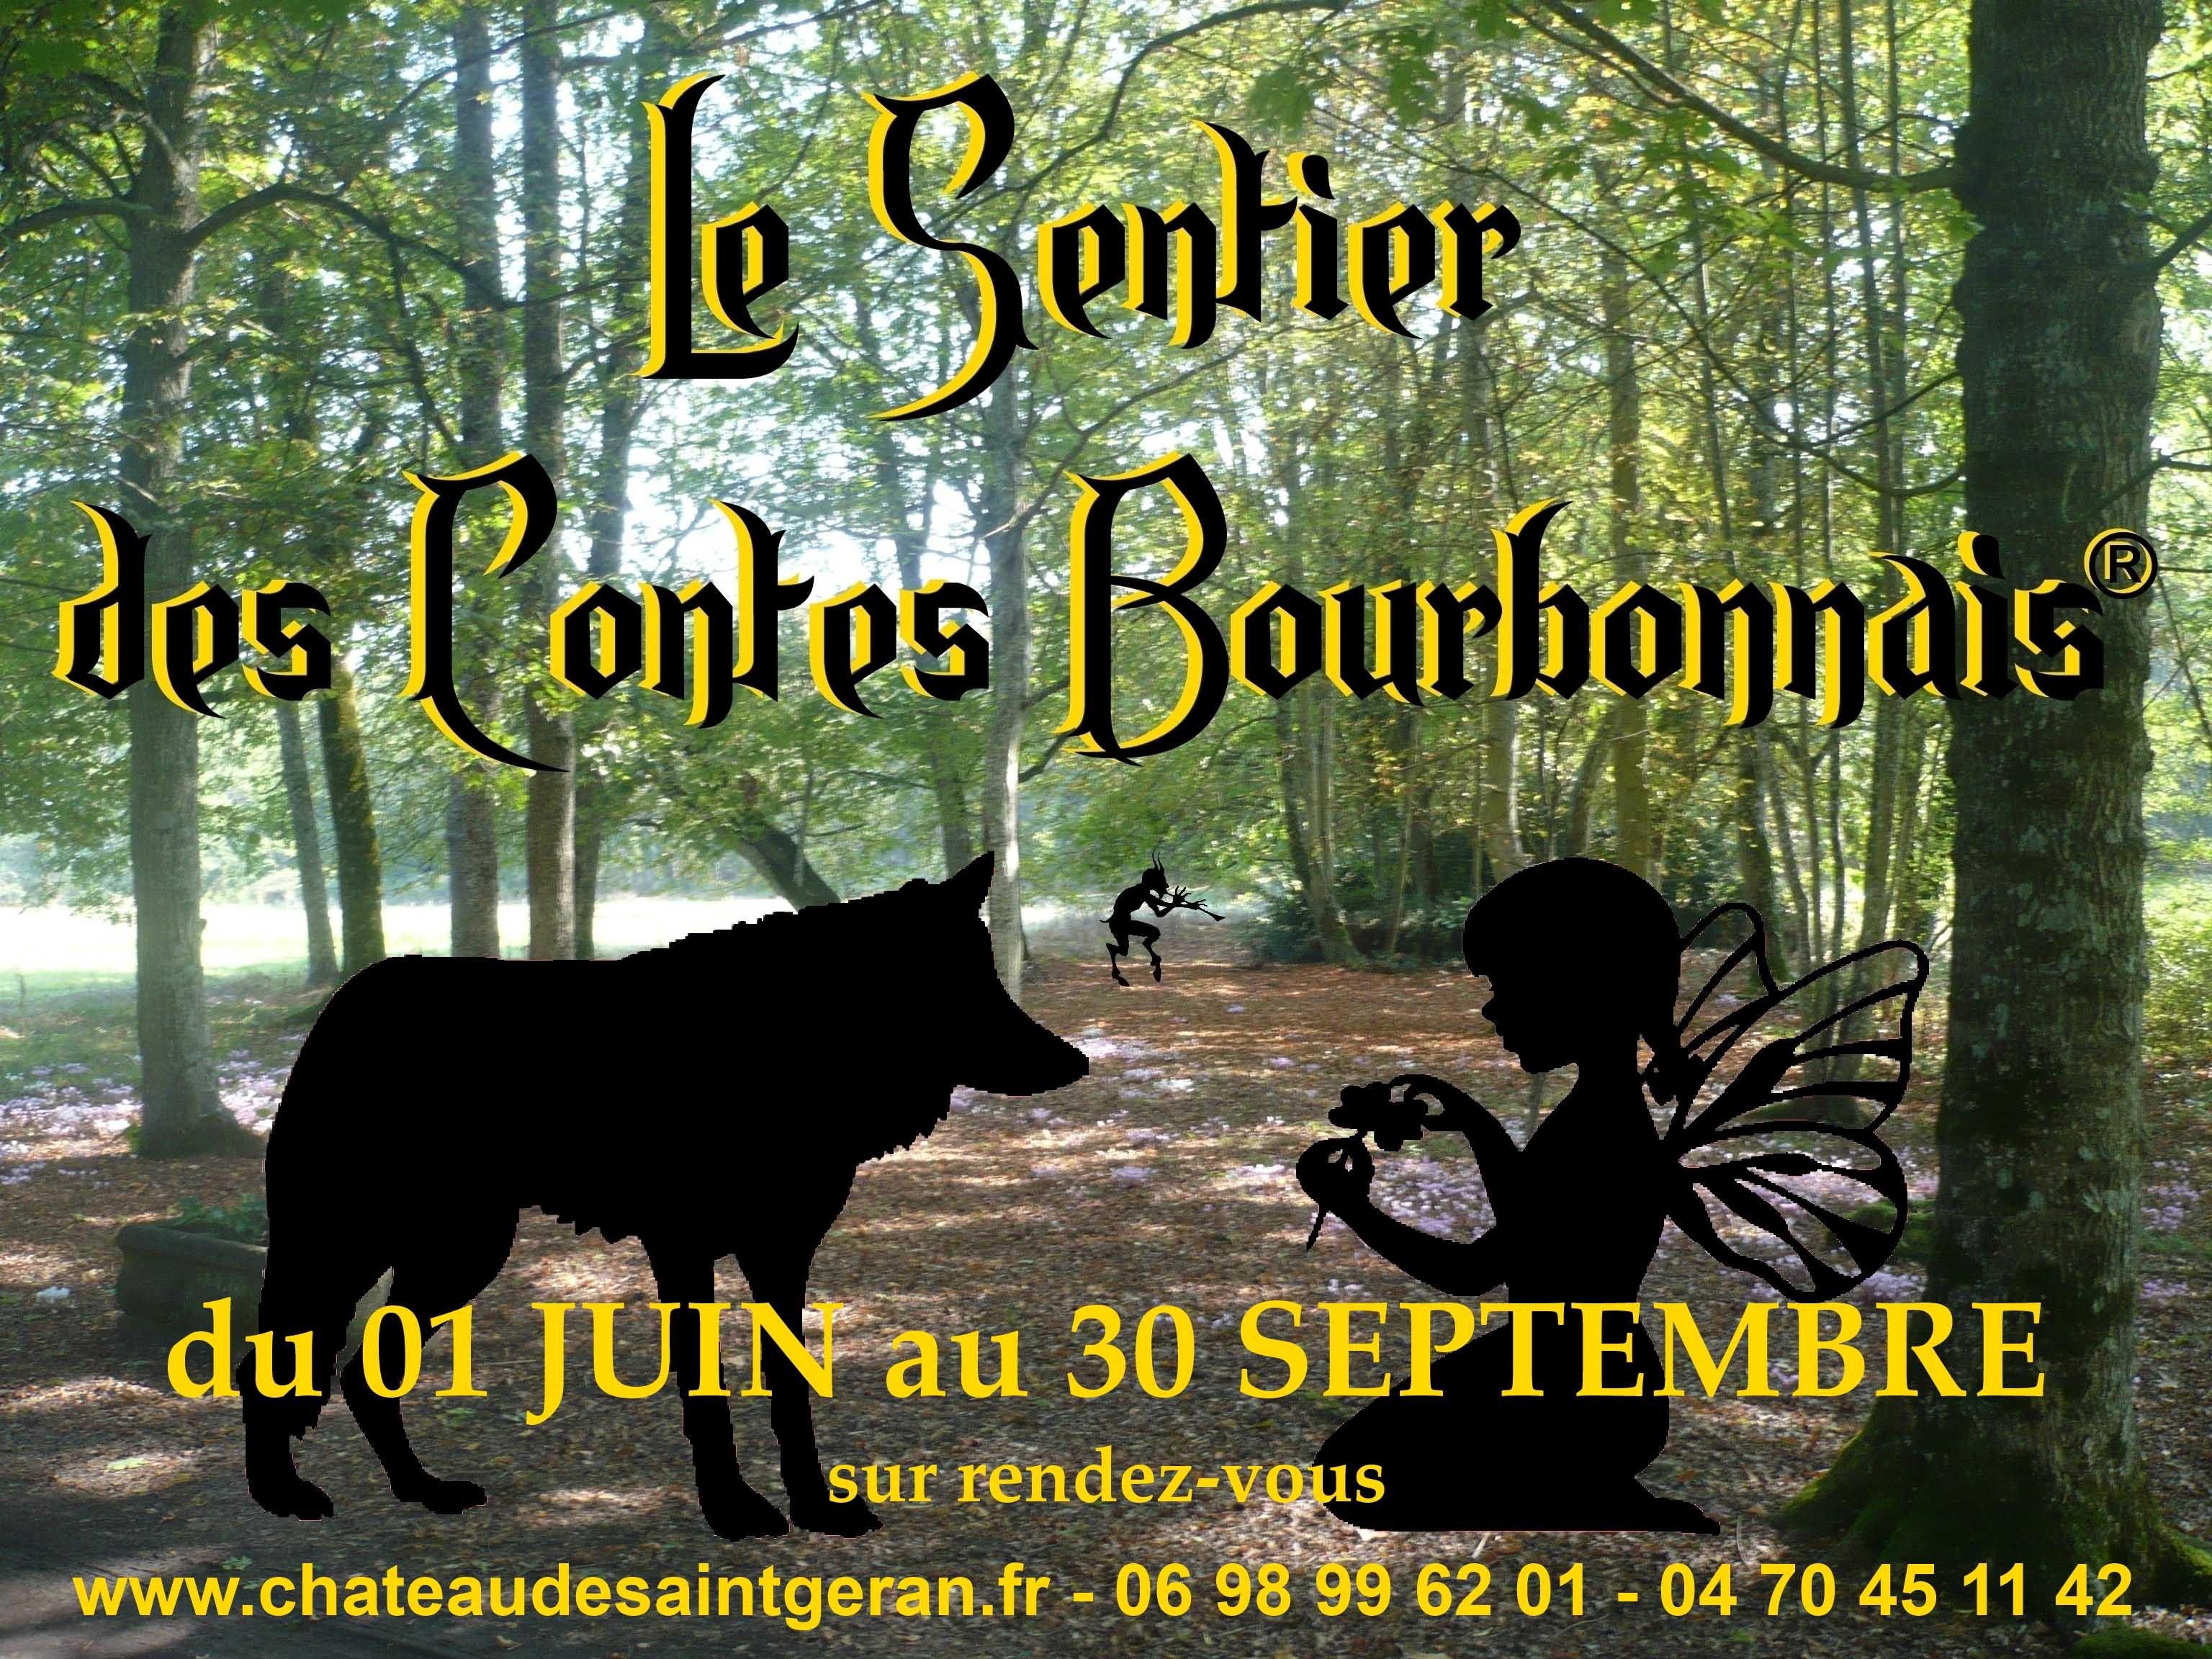 Le sentier des contes bourbonnais